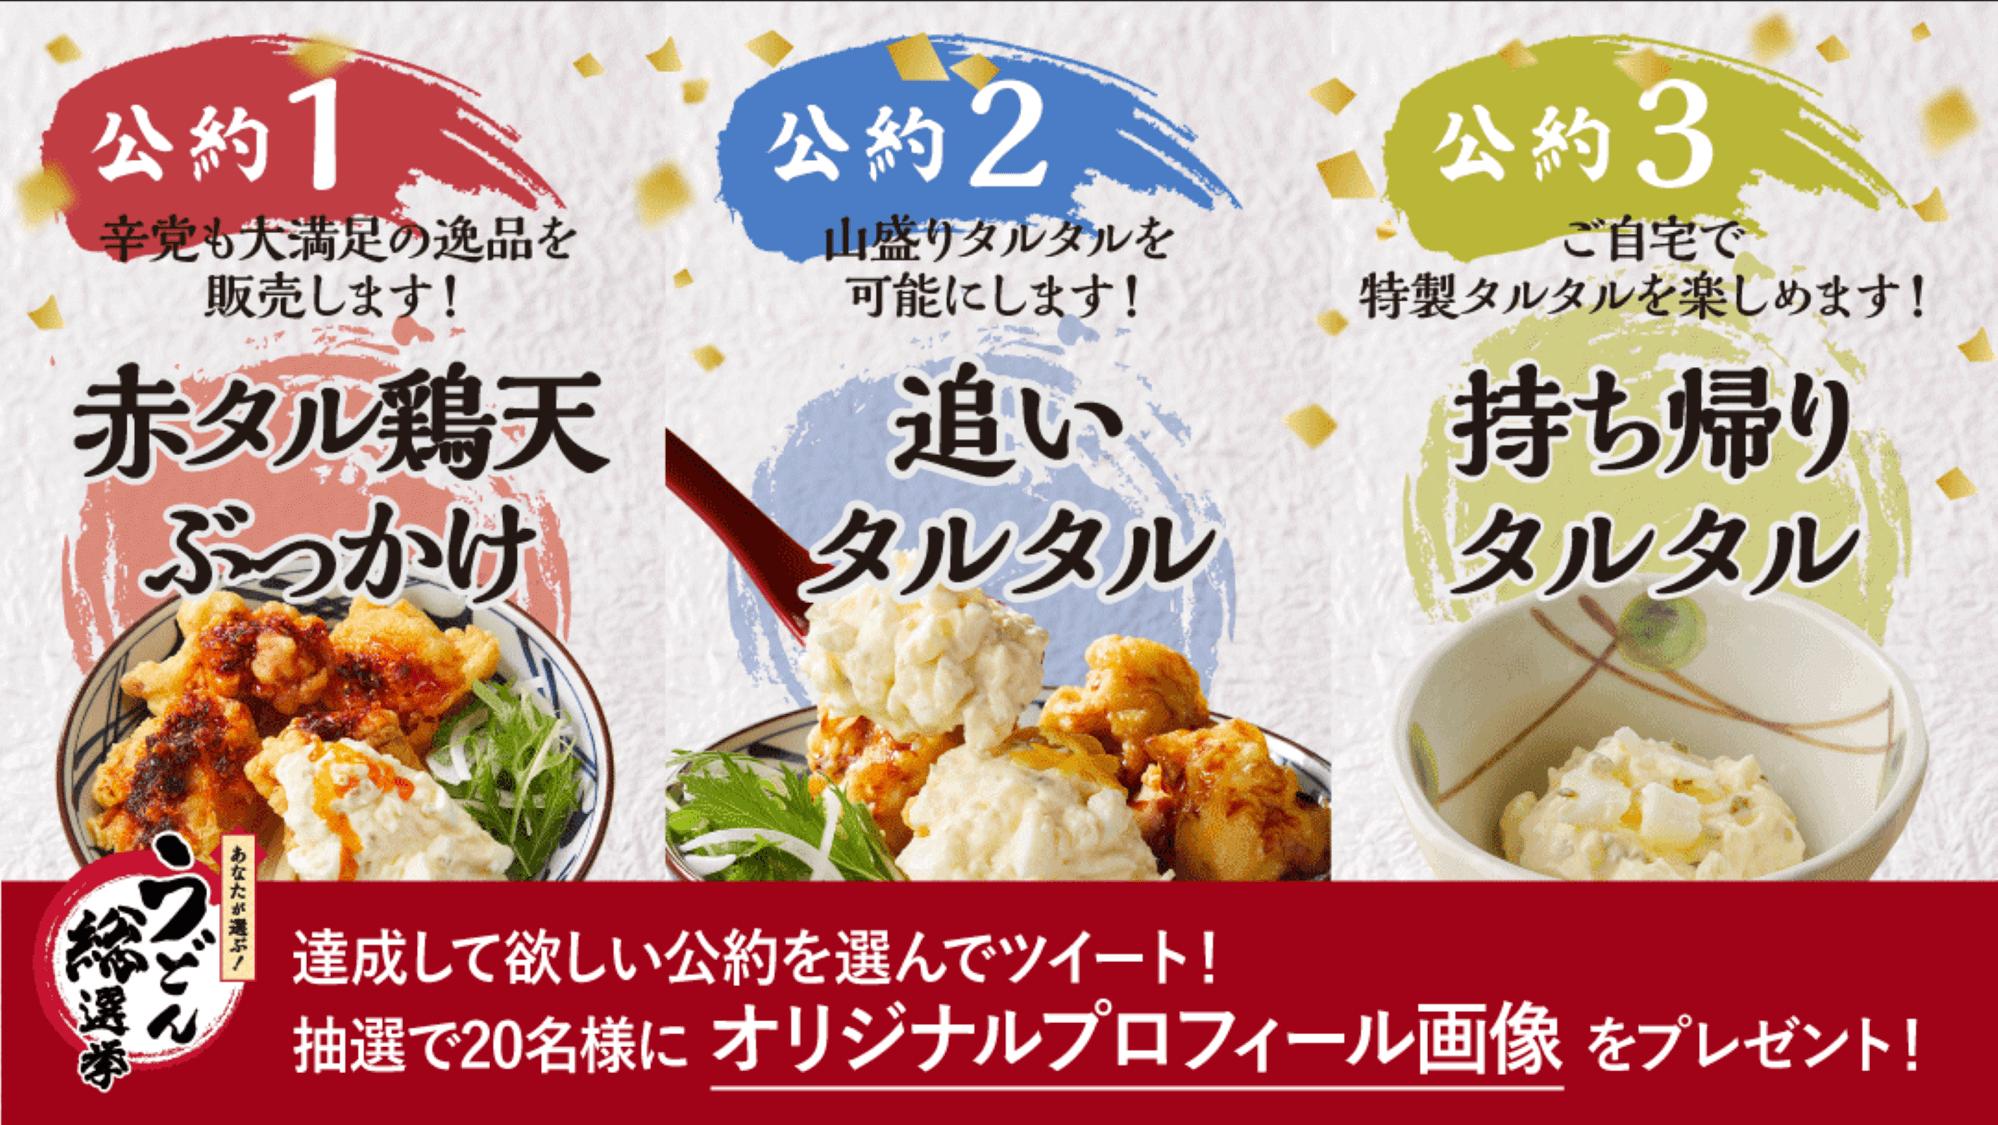 丸亀製麺の『タル鶏天ぶっかけうどん』3つも公約